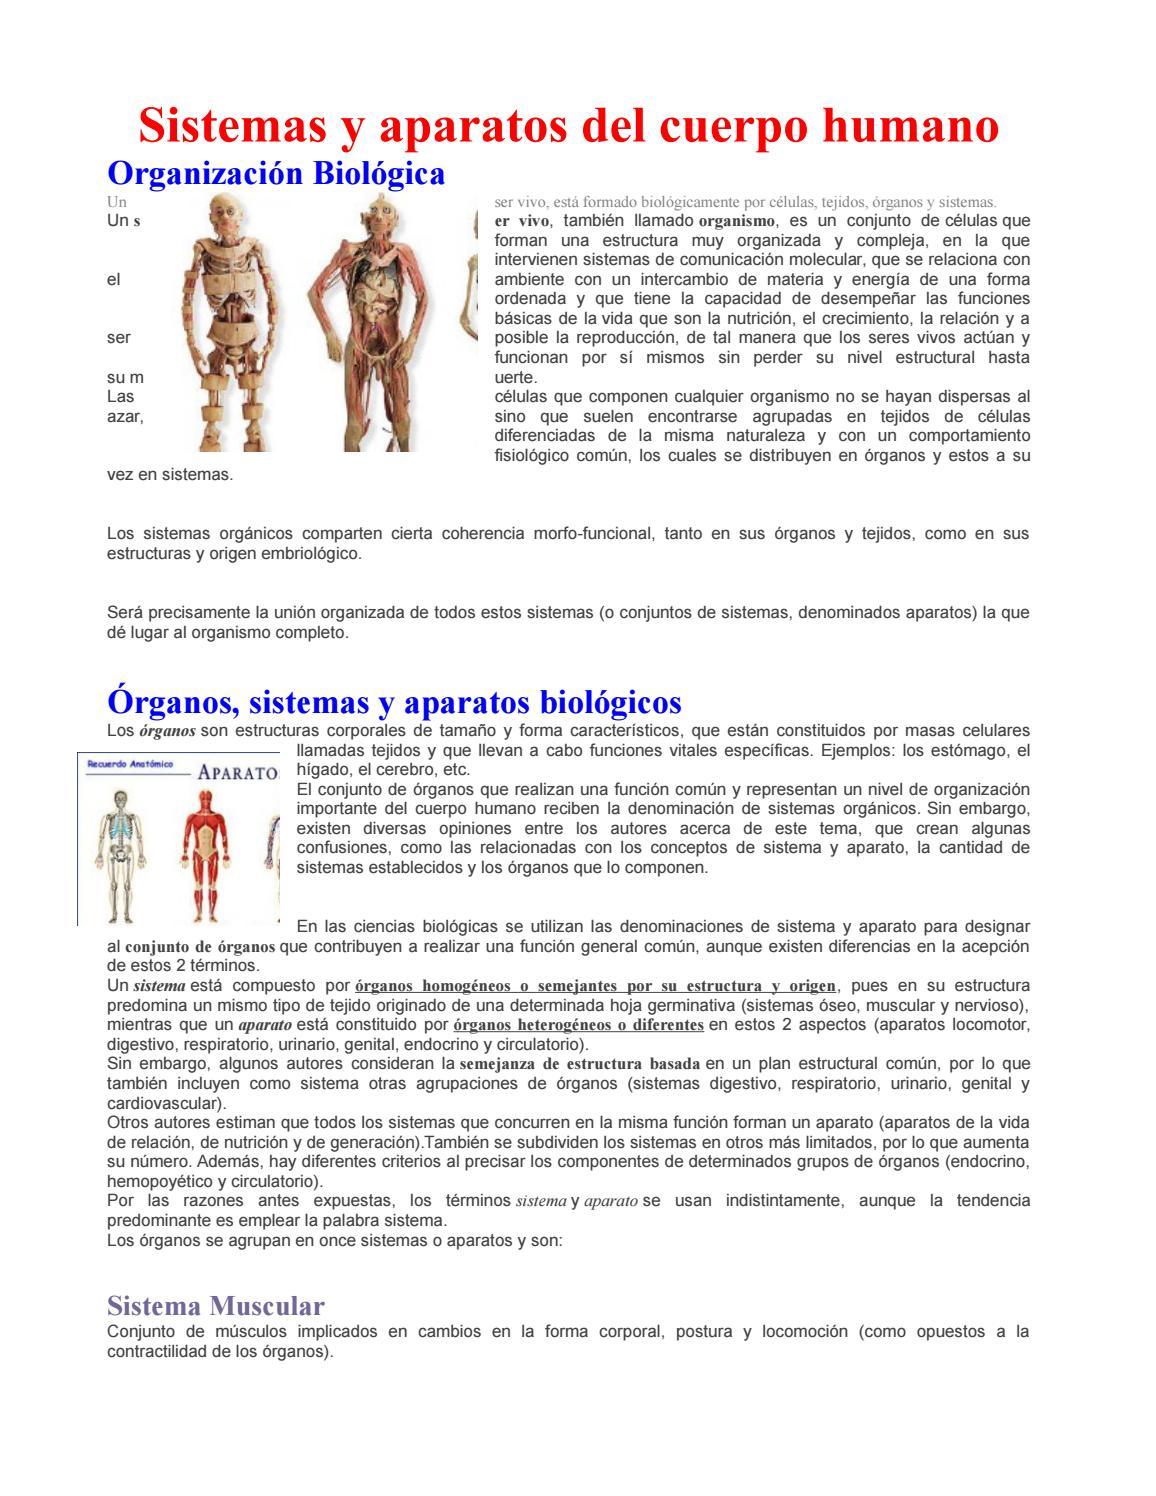 Sistemas y aparatos del cuerpo humano by Carlos Baas Polanco - issuu